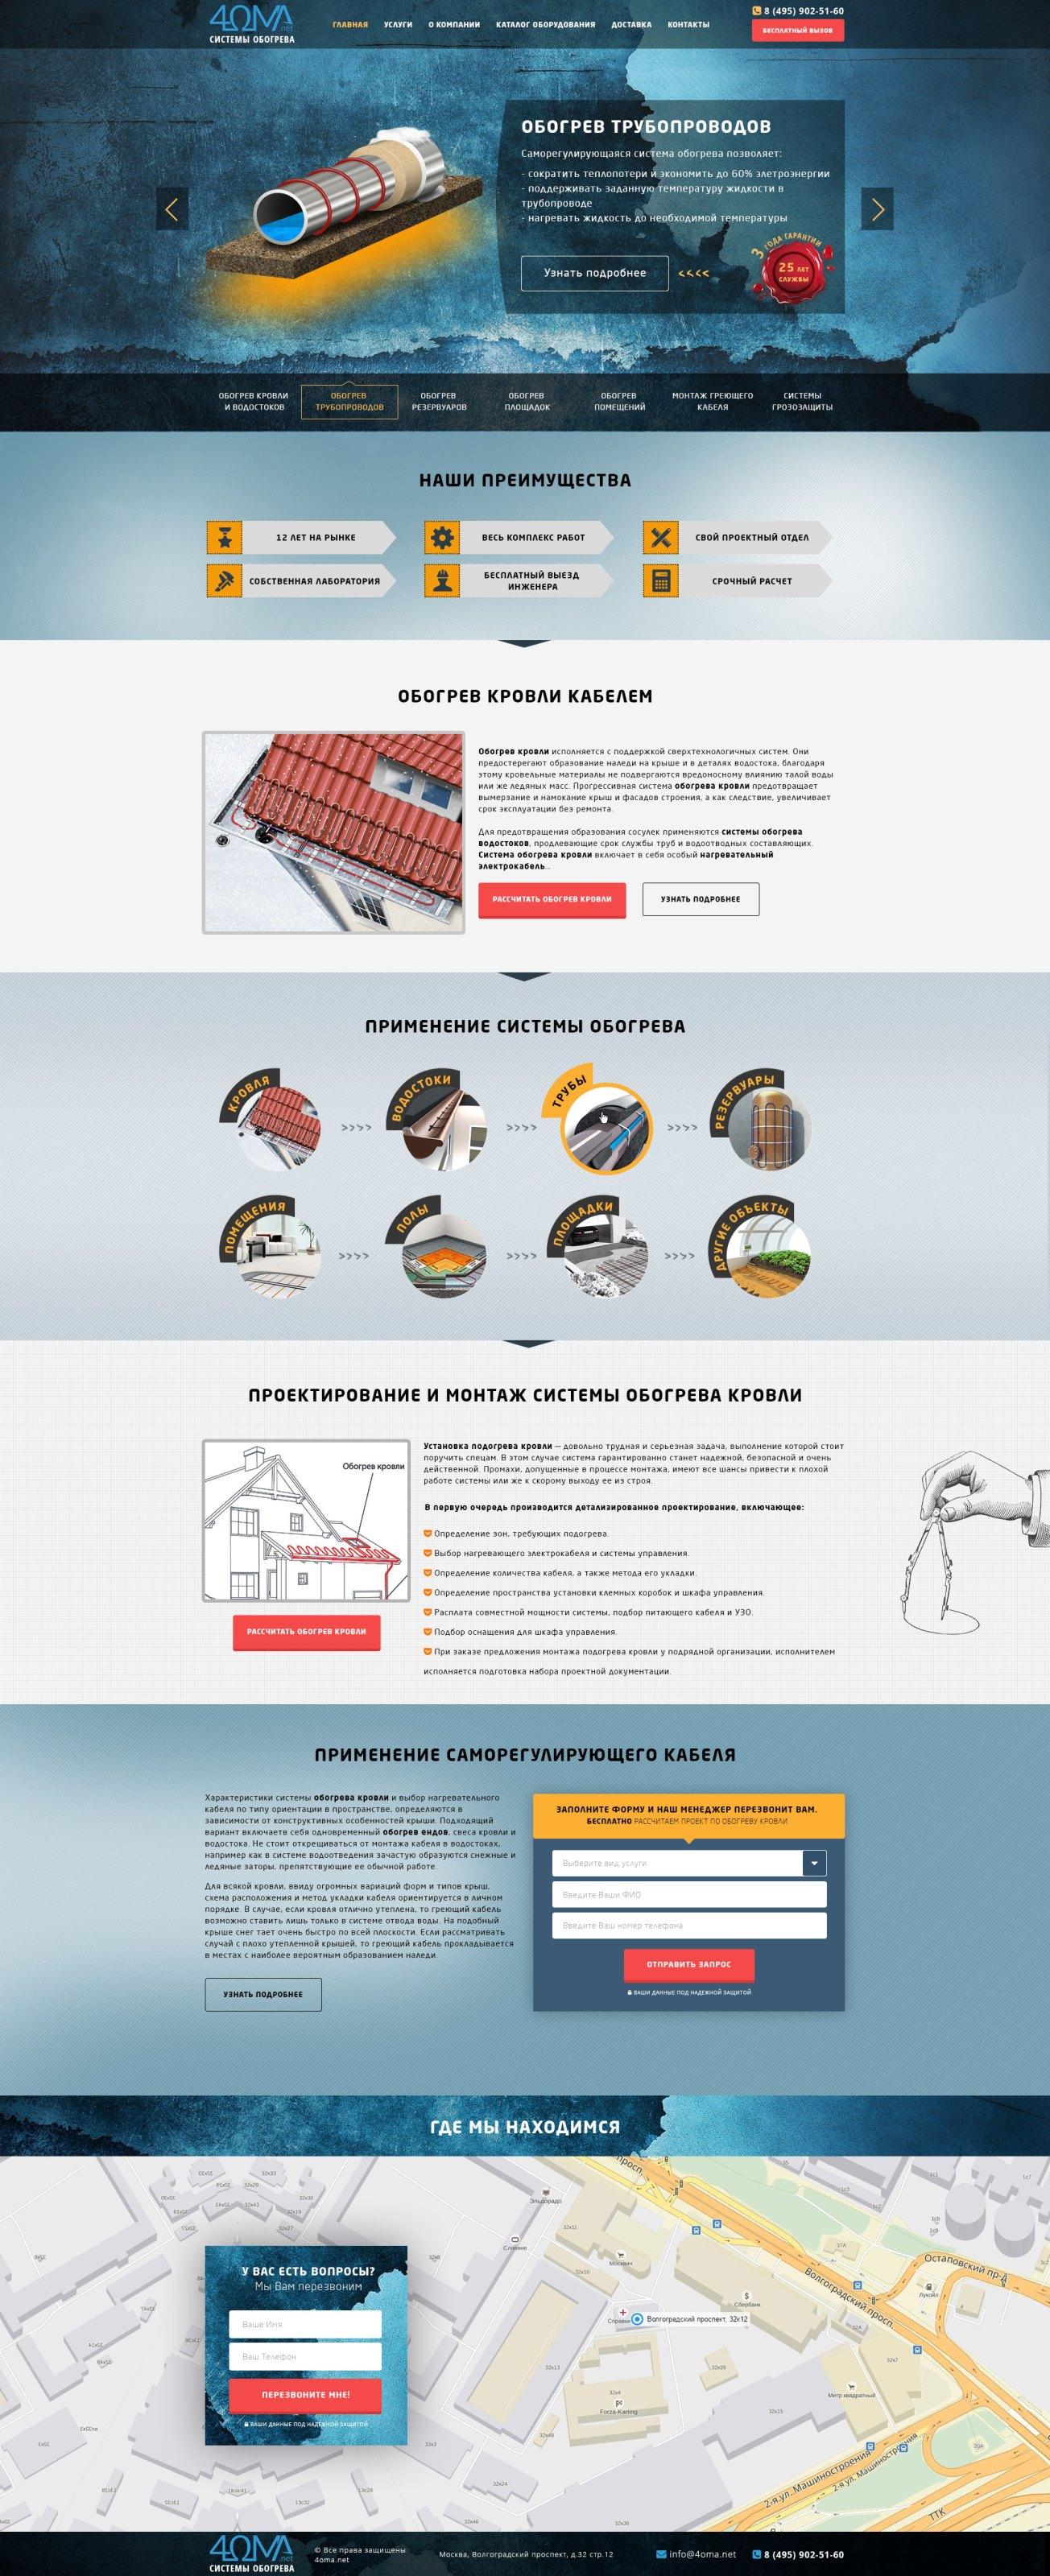 Разработка корпоративного сайта в стиле Landing Page